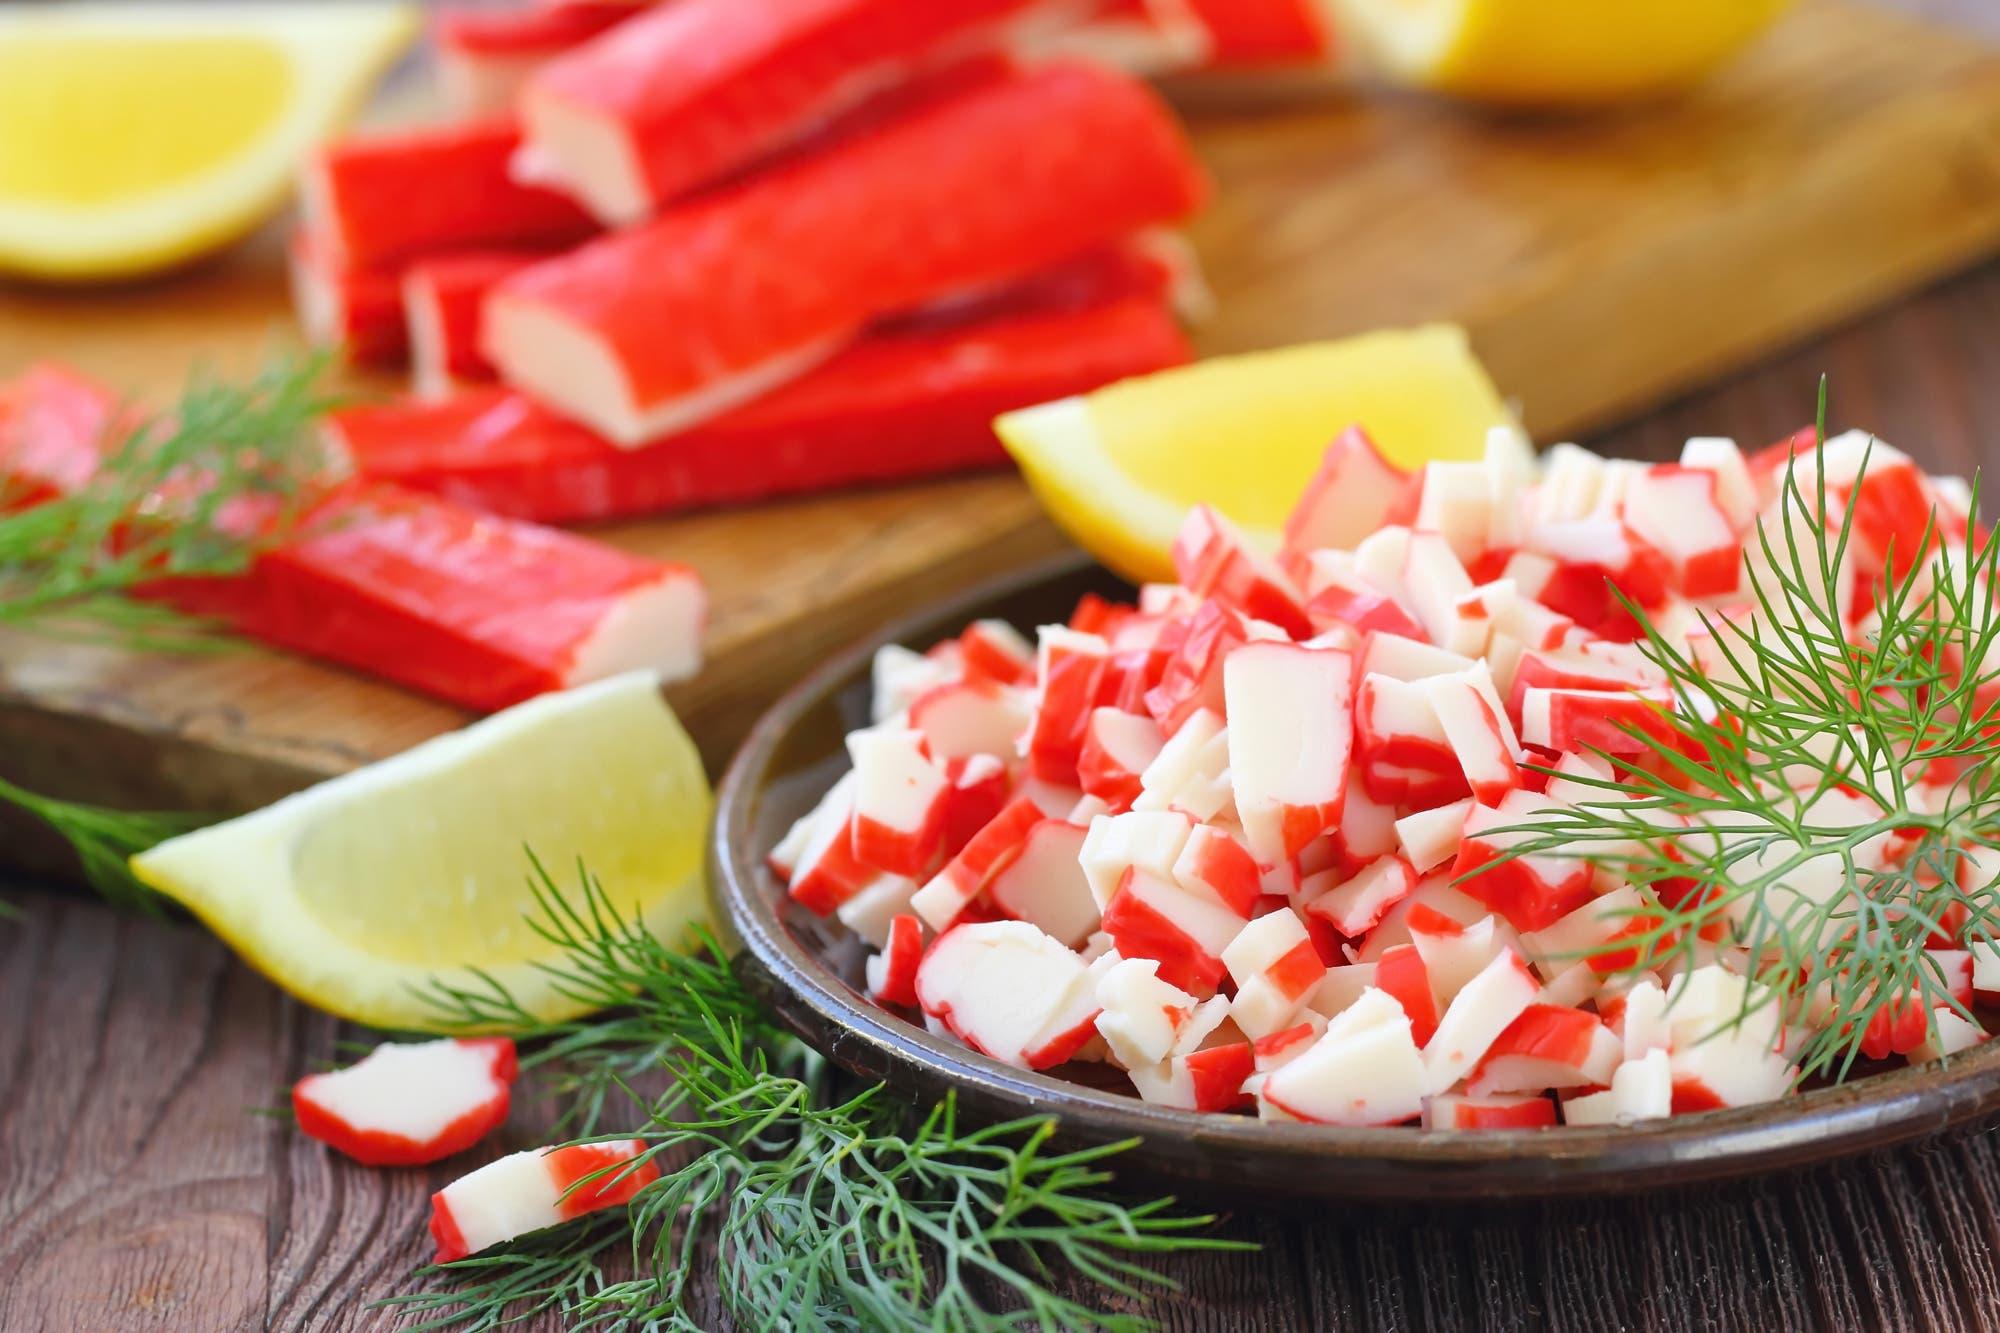 Surími fuente de proteinas y producto procesado de pescado.